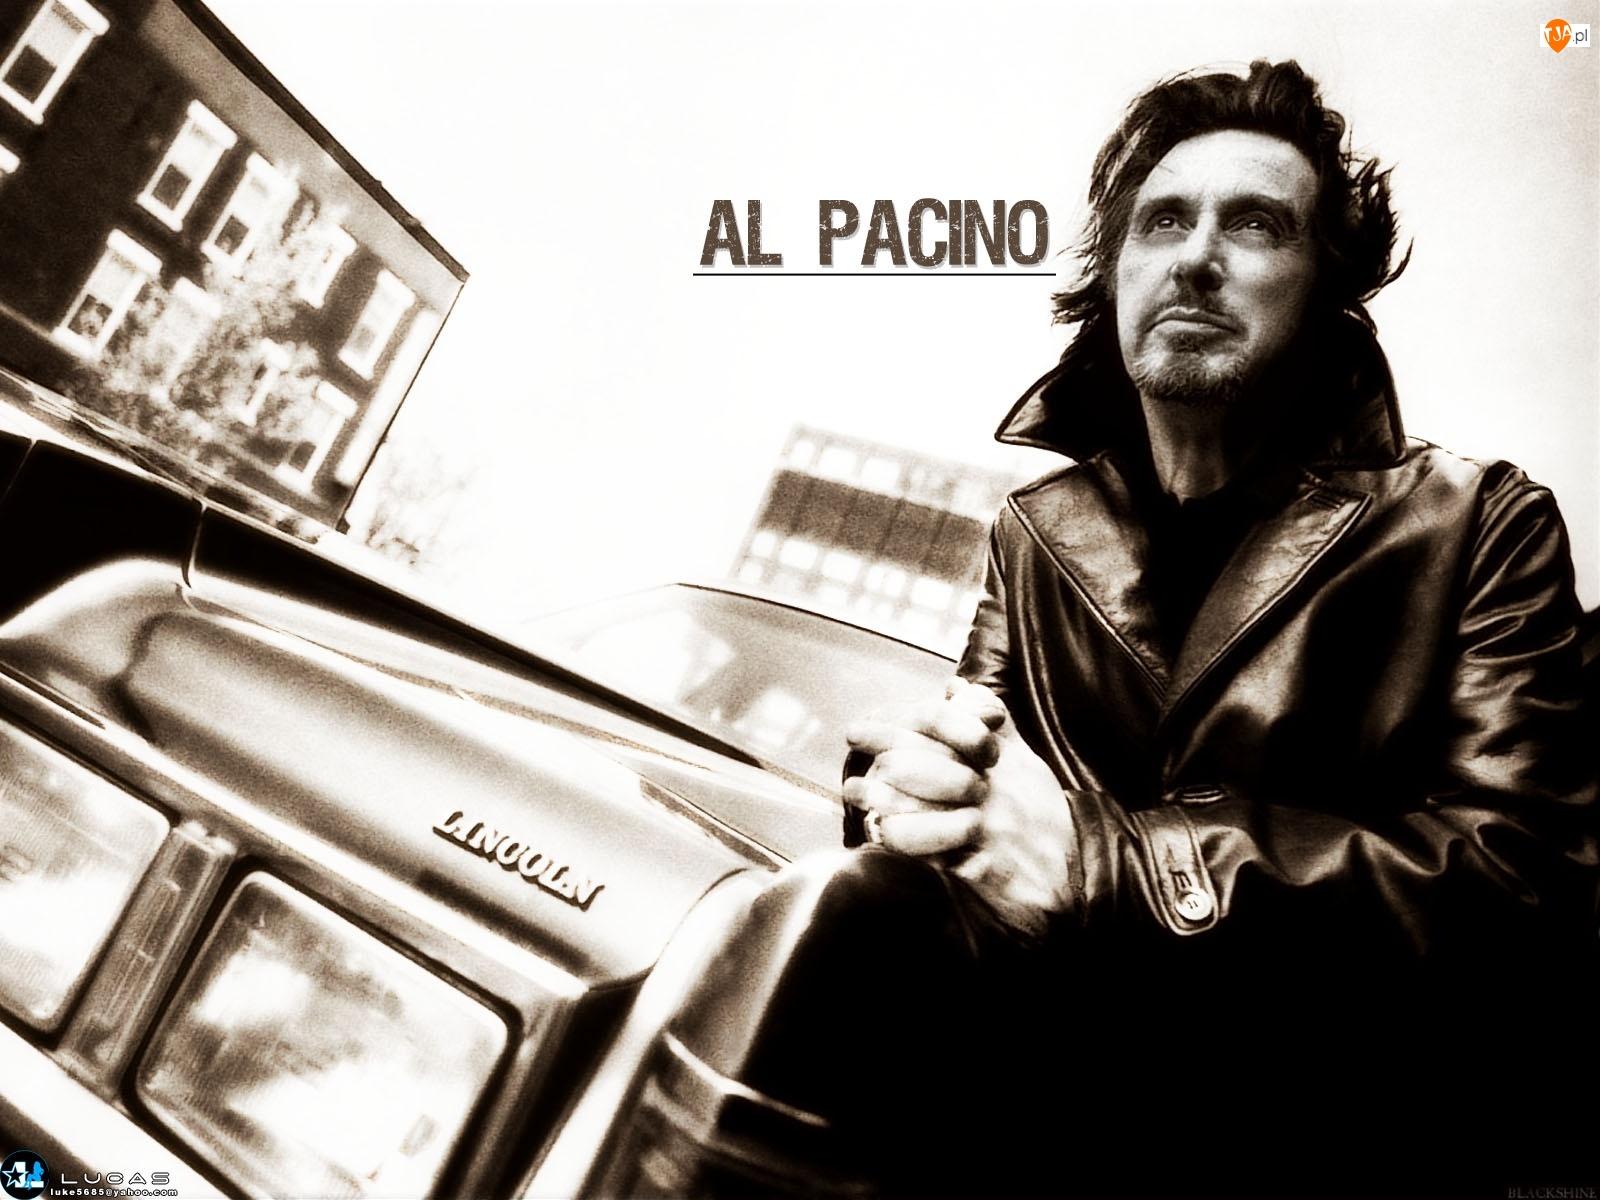 samochód, Al Pacino, skóra